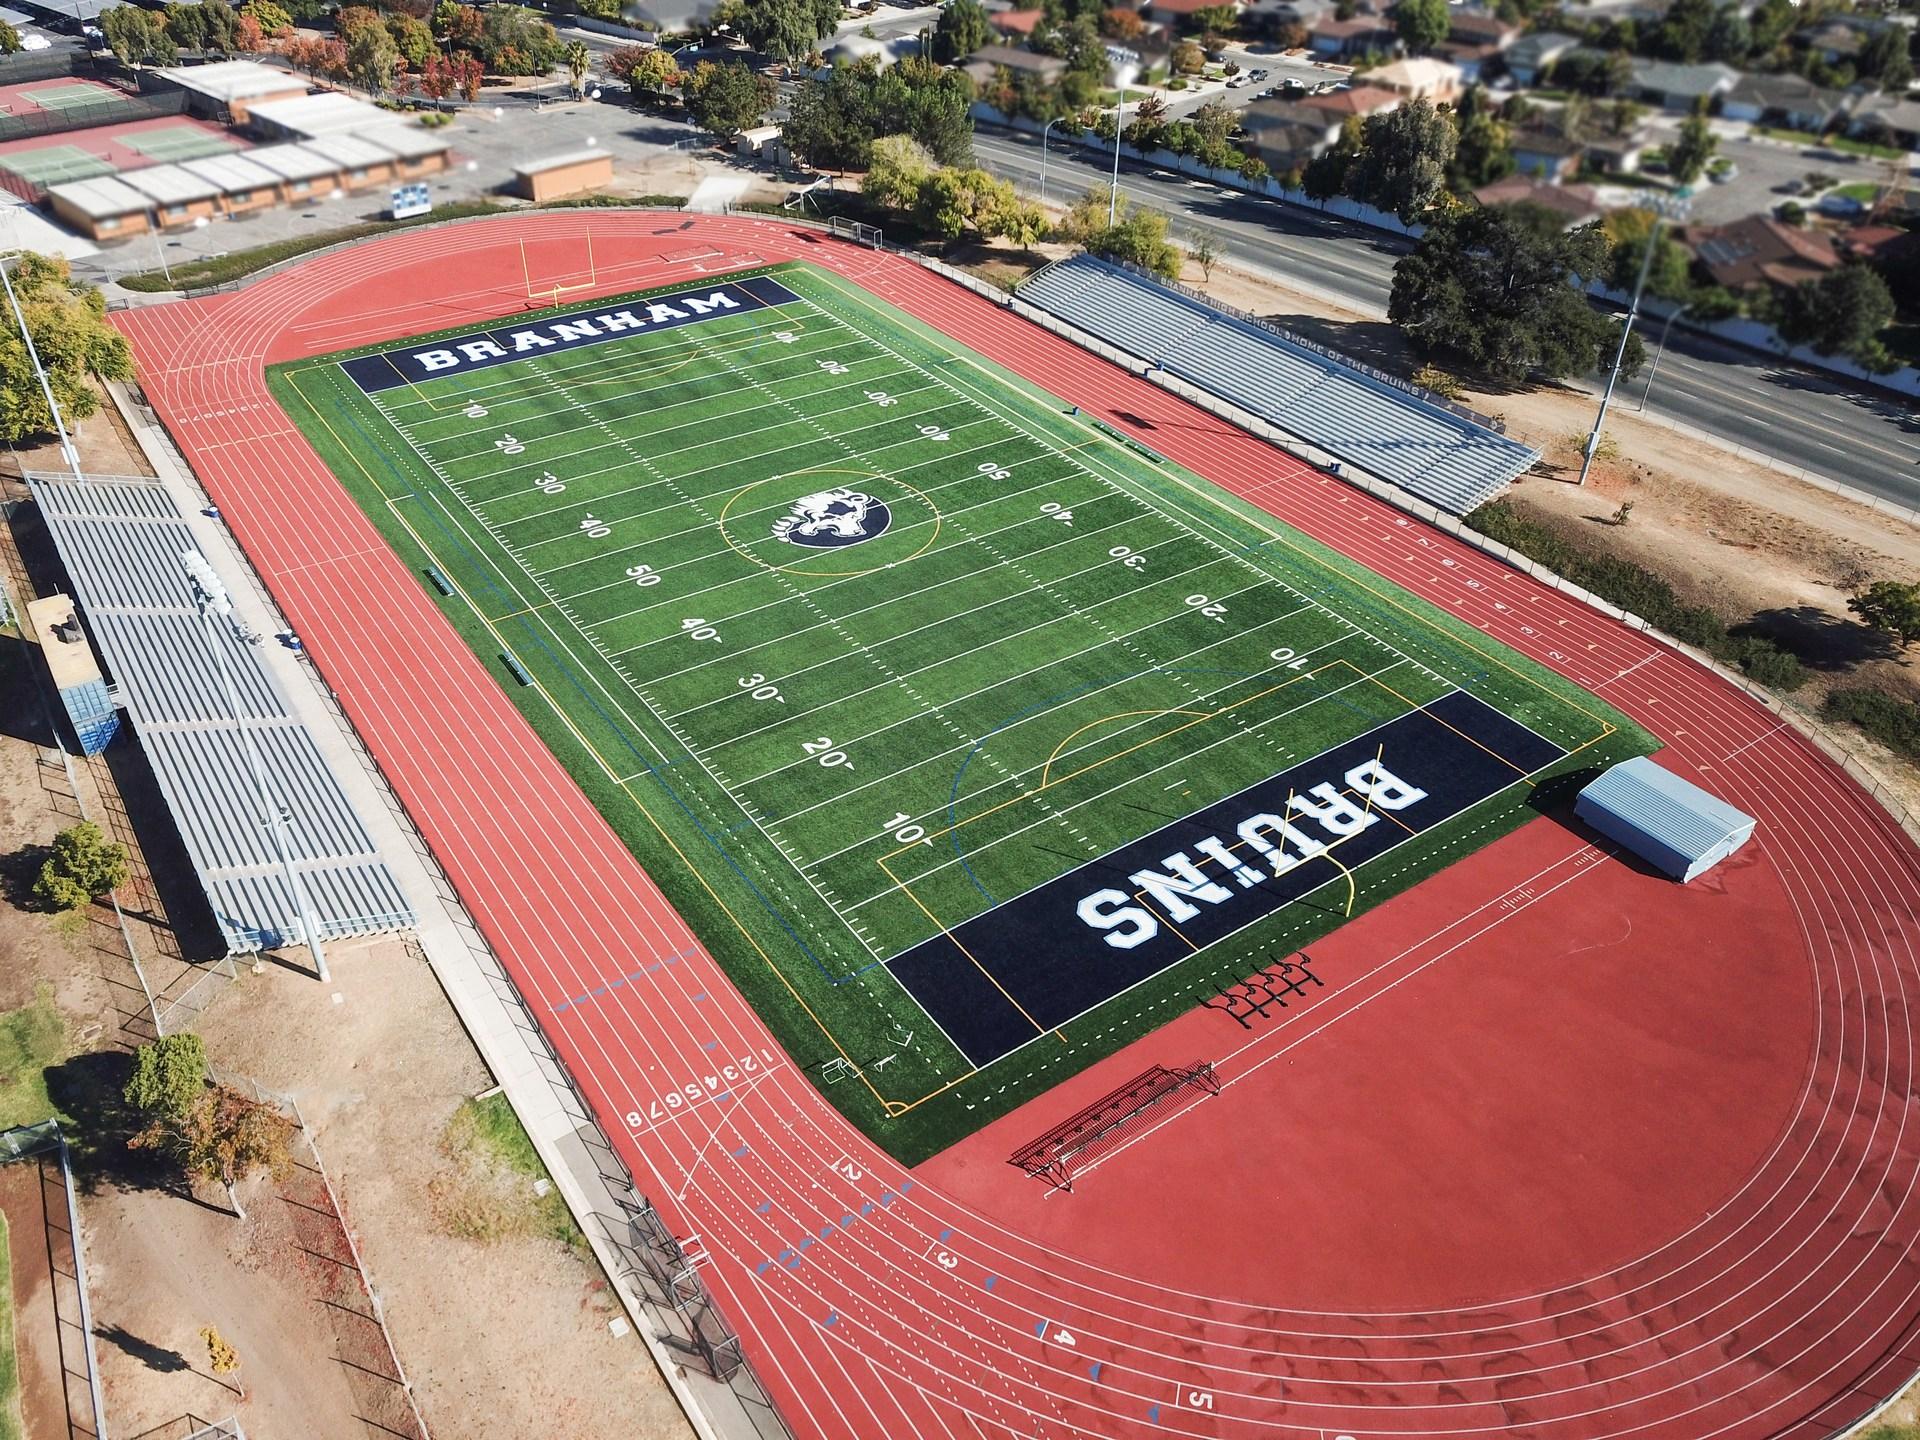 branham high school football field